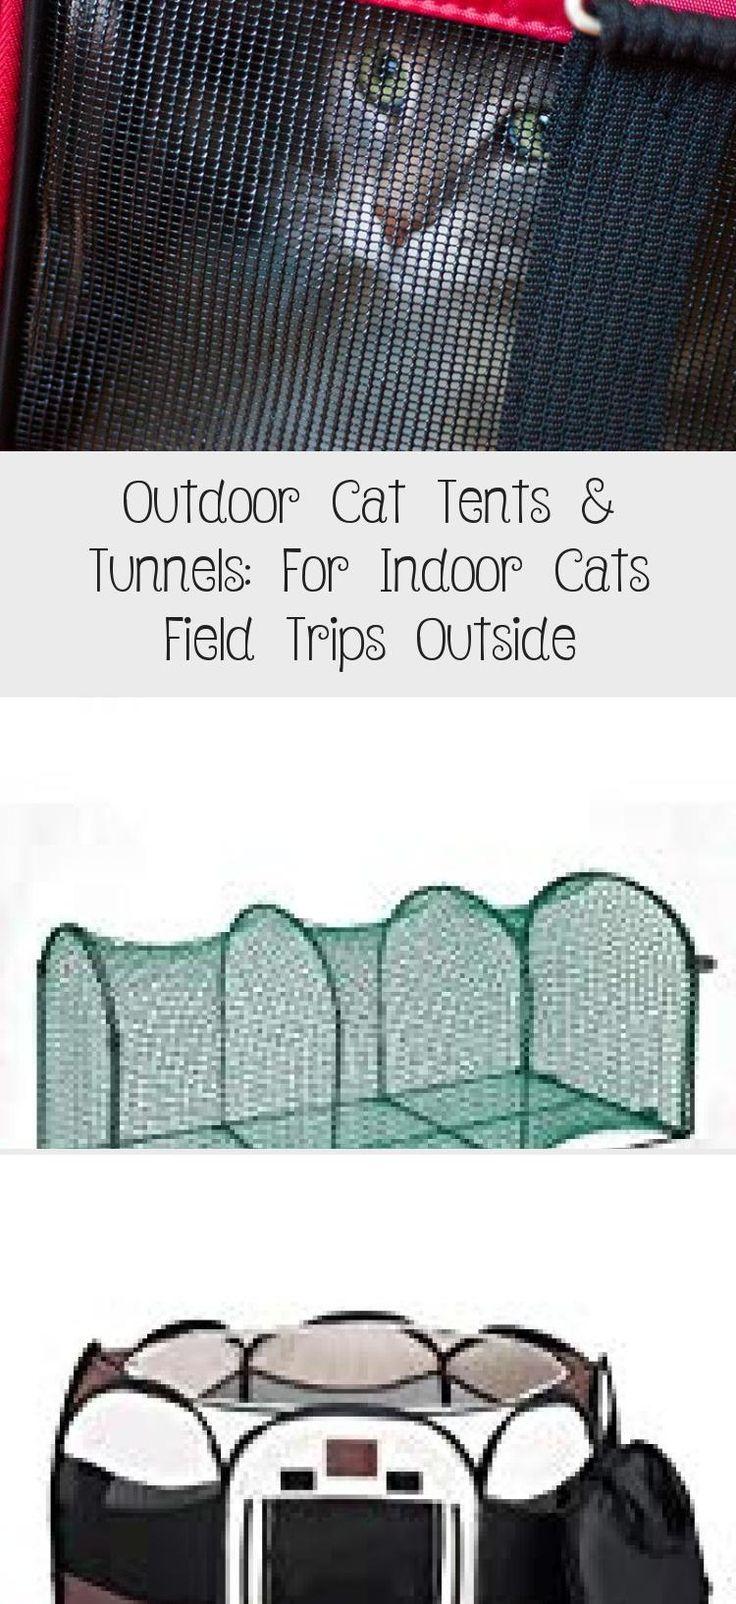 My Blog En Blog in 2020 Cat tent, Outdoor cats, Indoor cat